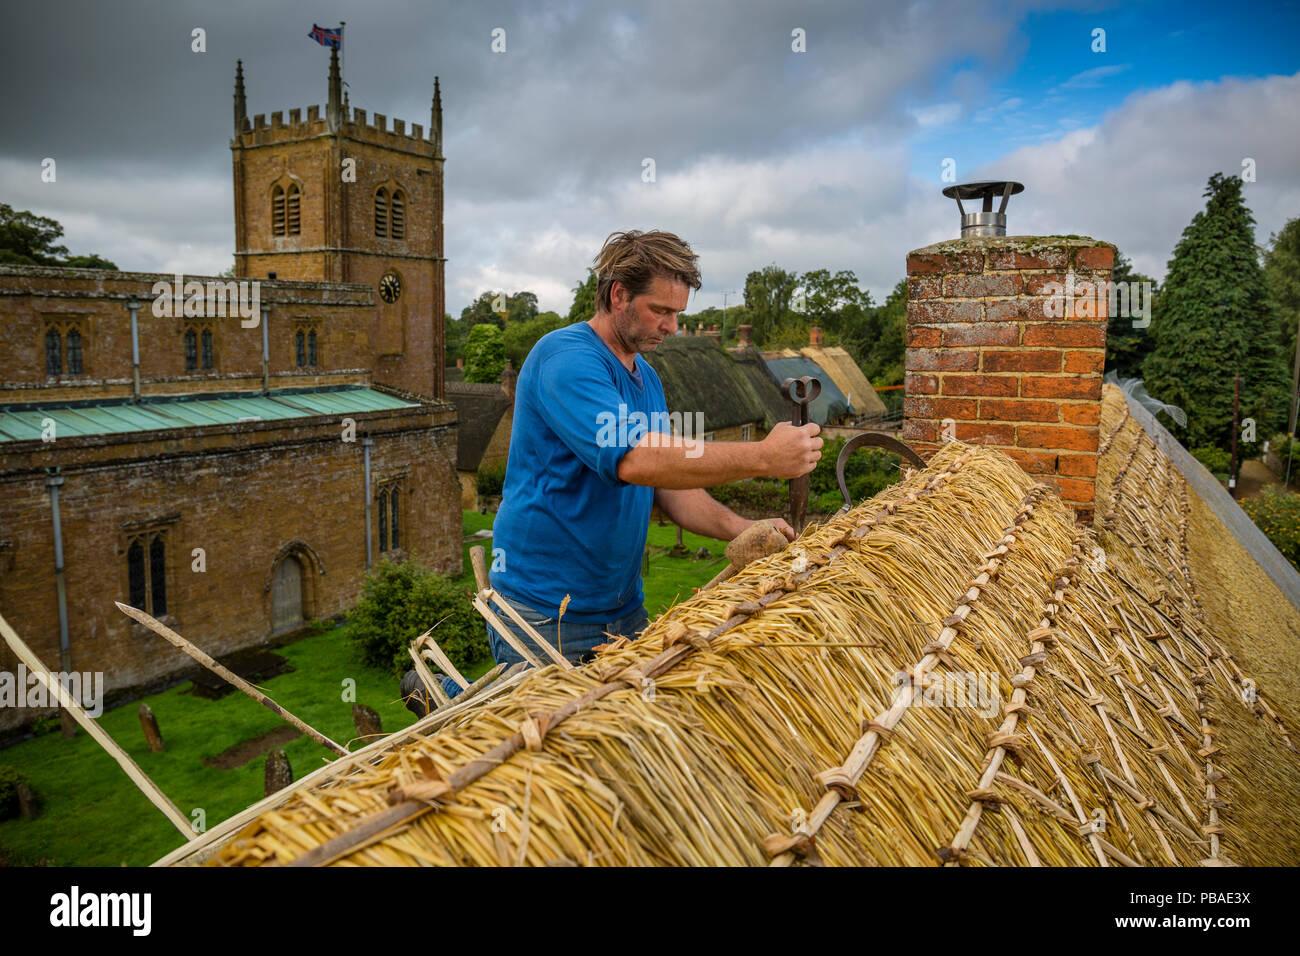 Dan Quatermain, master thatcher, lavorando su un tetto di paglia in Wroxton village, Oxfordshire, Regno Unito. Settembre 2015. Immagini Stock